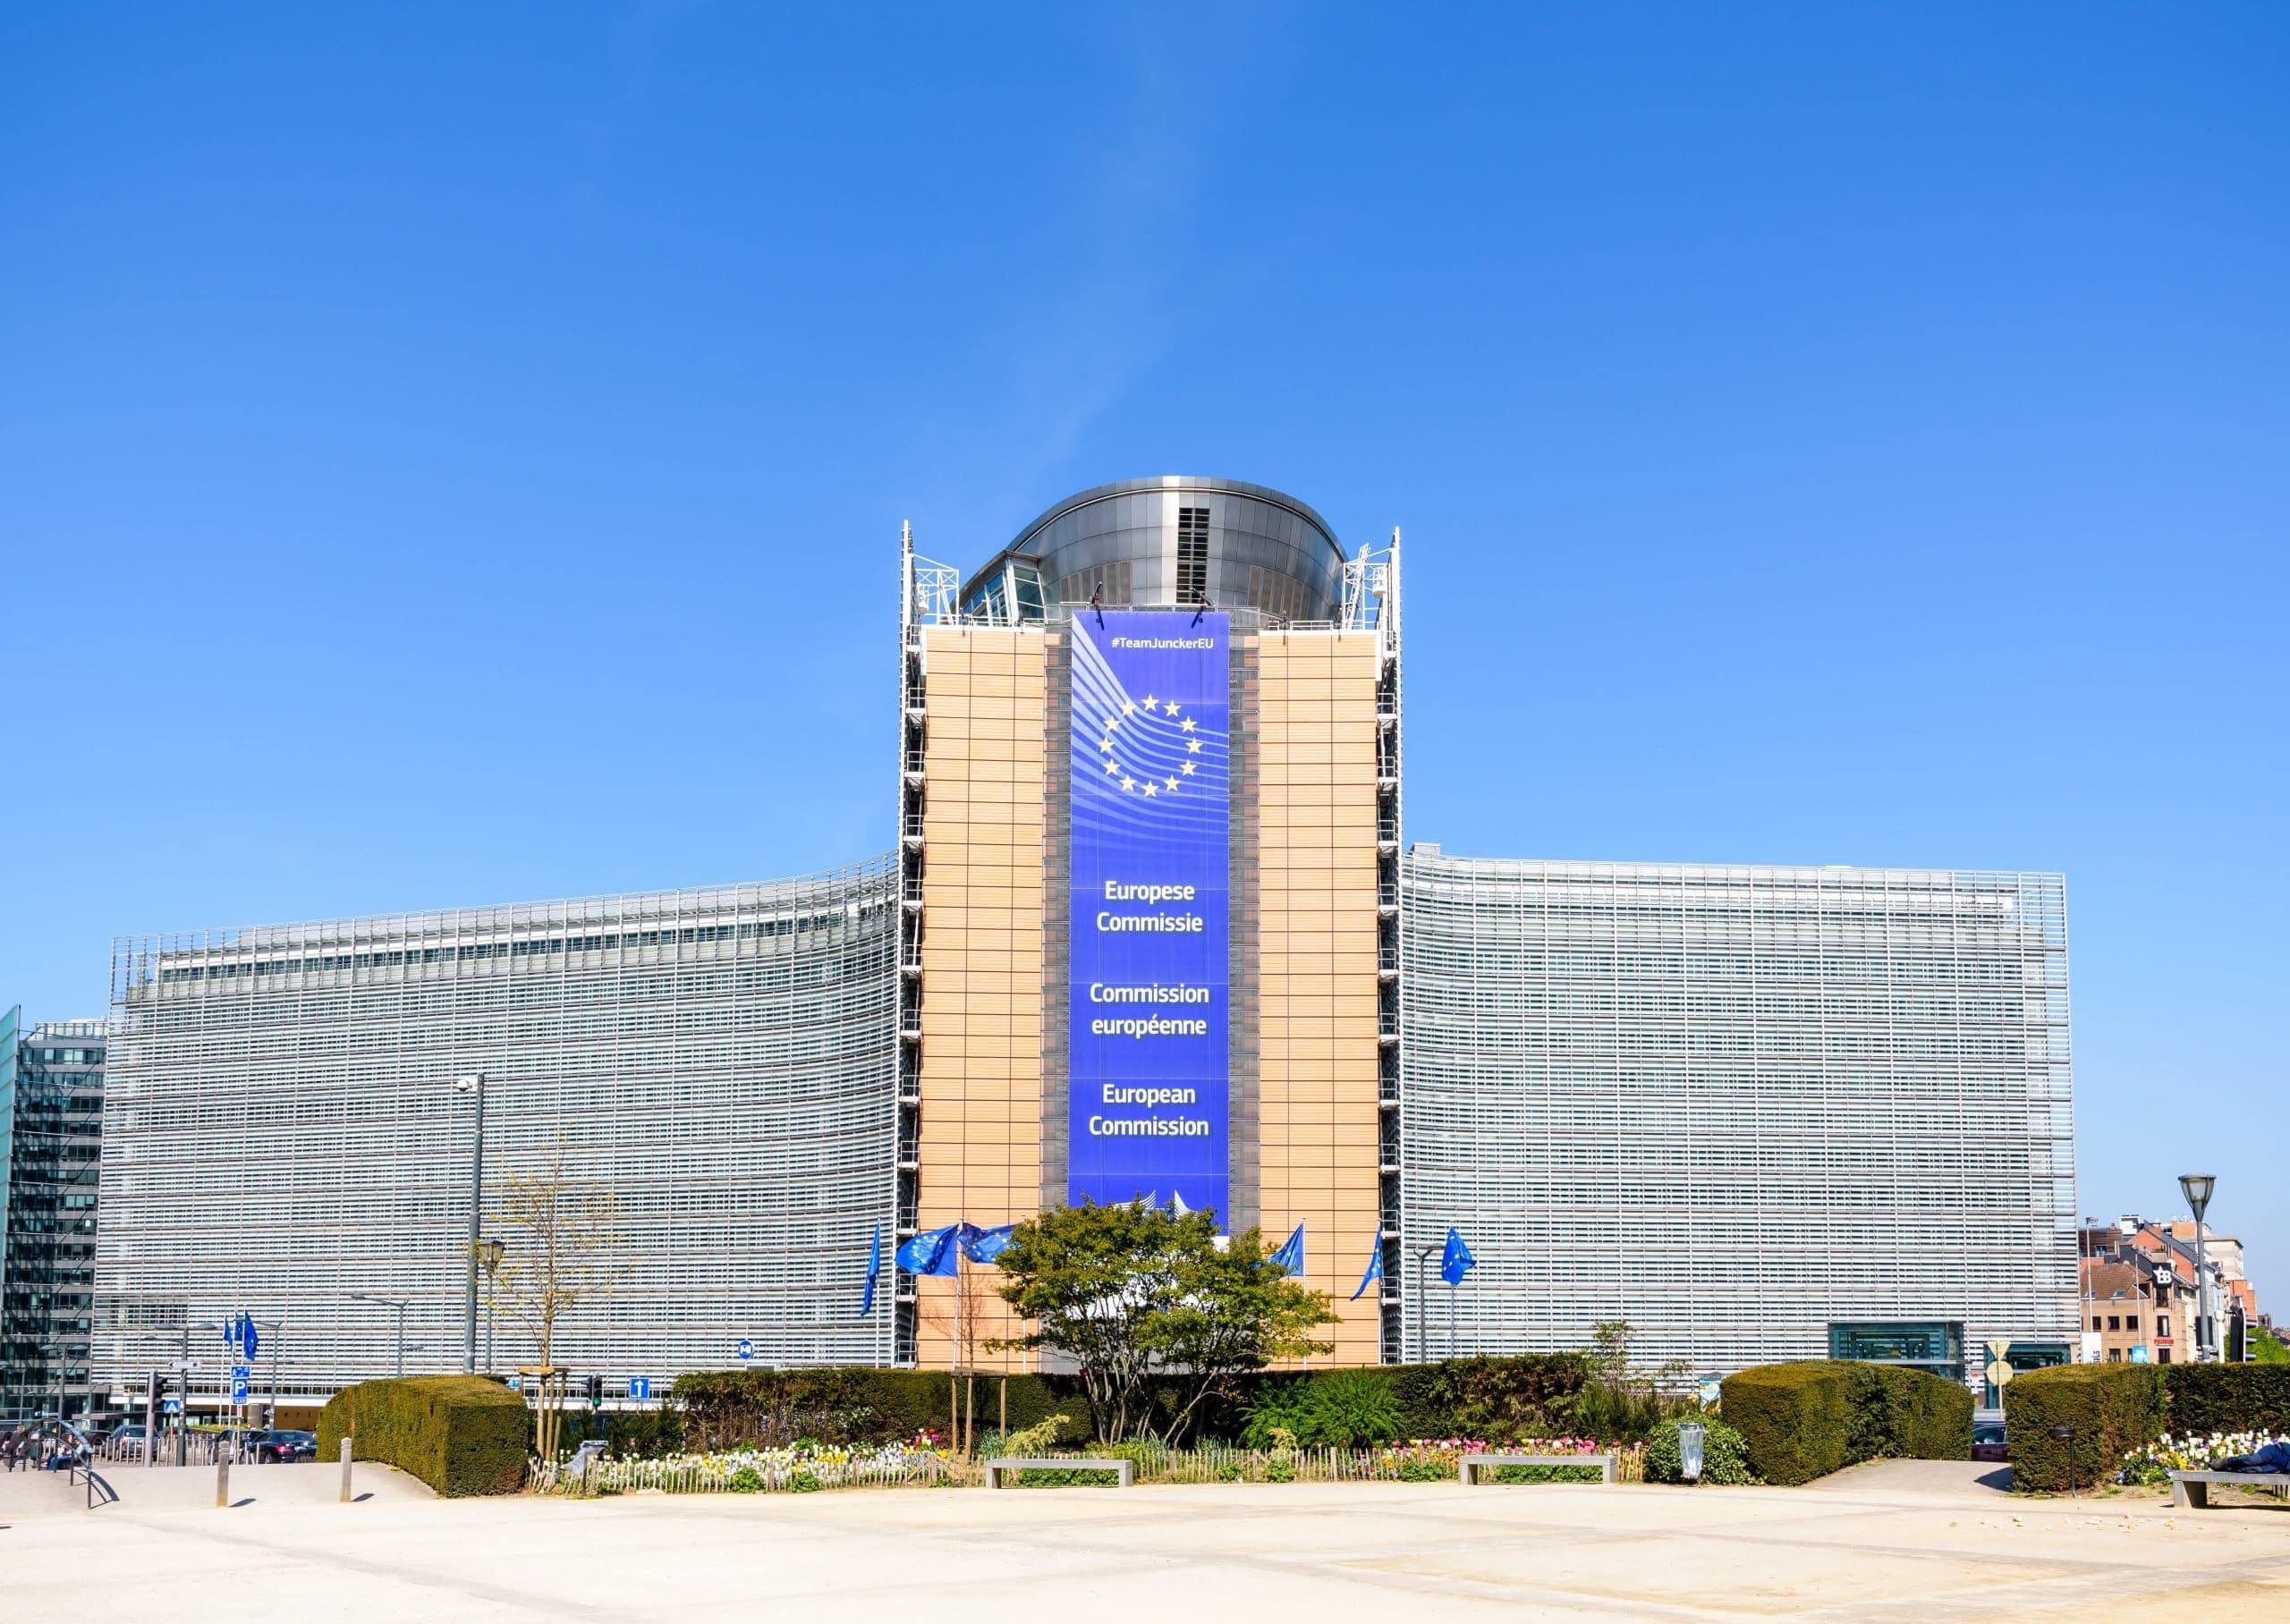 Gebäude der Europäischen Kommission in Brüssel